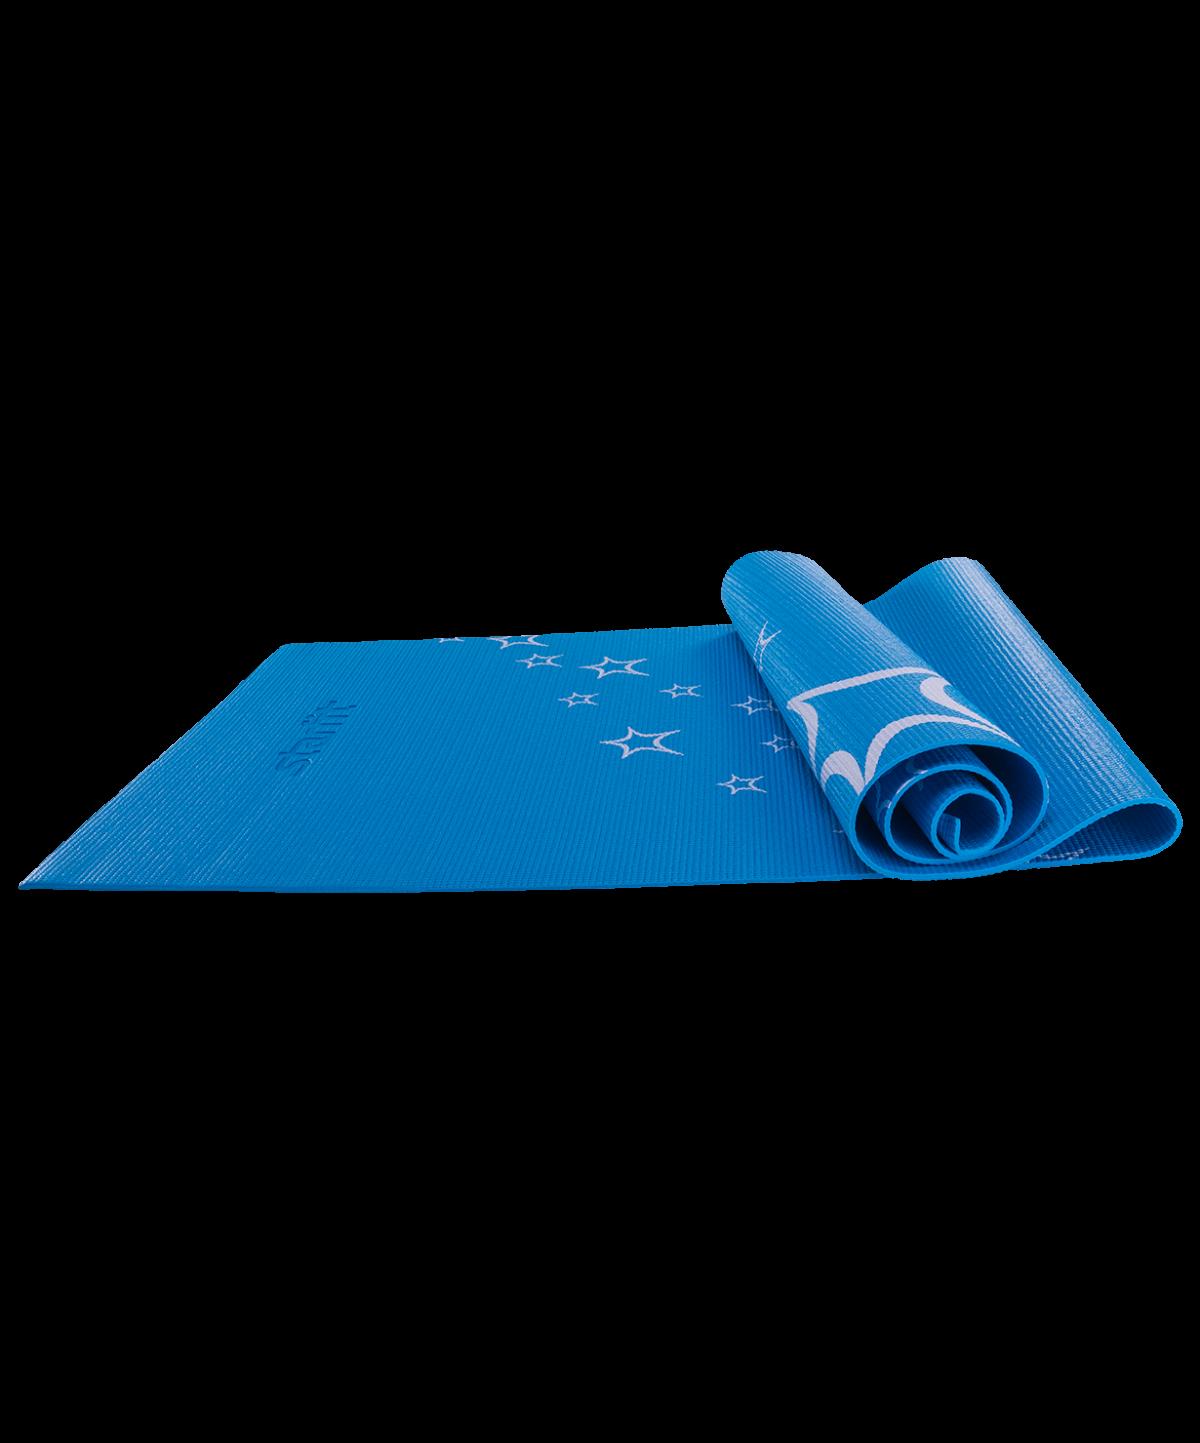 STARFIT Коврик для йоги FM-102 173х61х0,4см: синий - 1